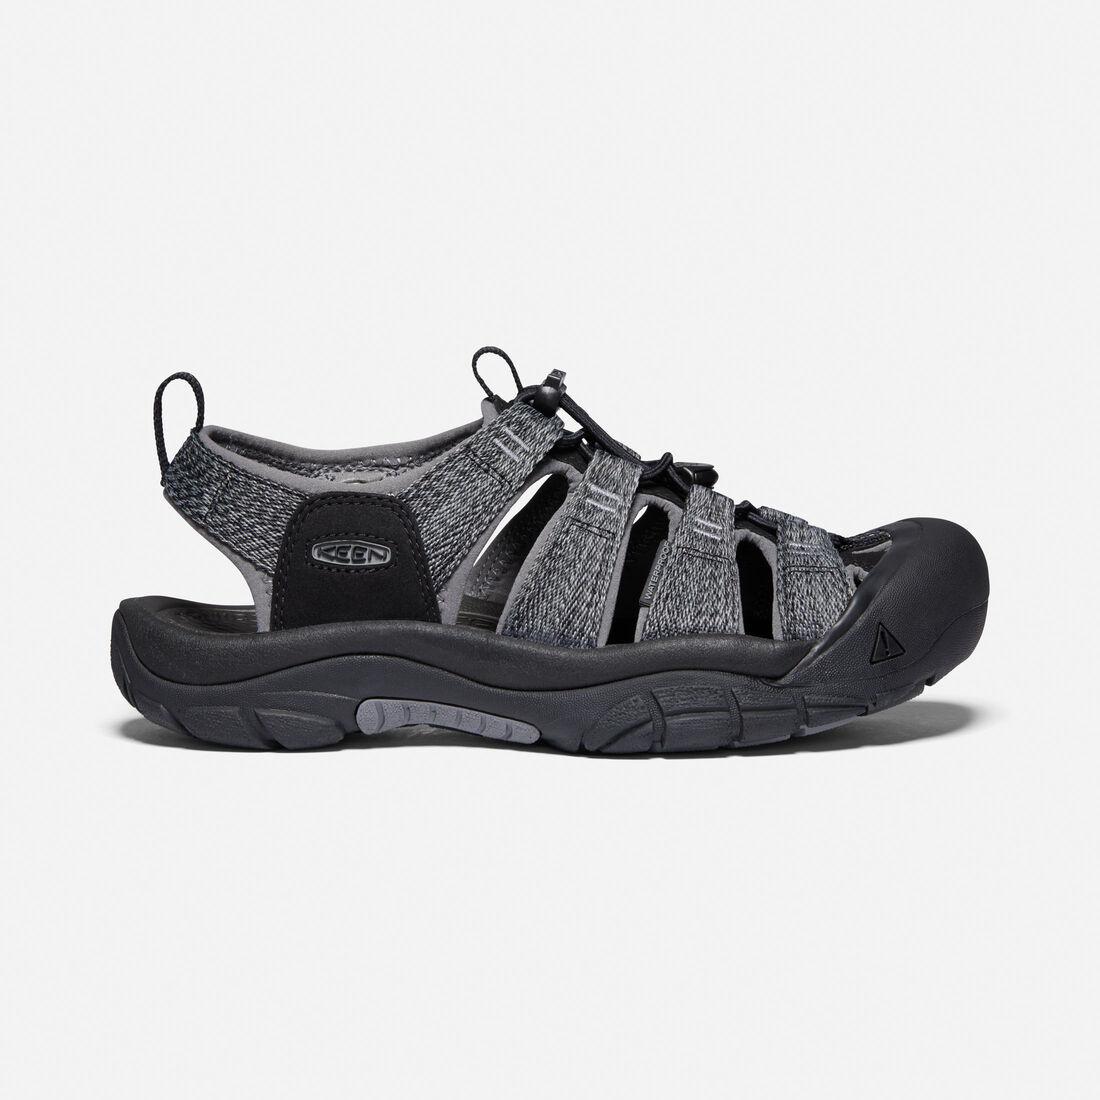 1022252Newport black steel grey